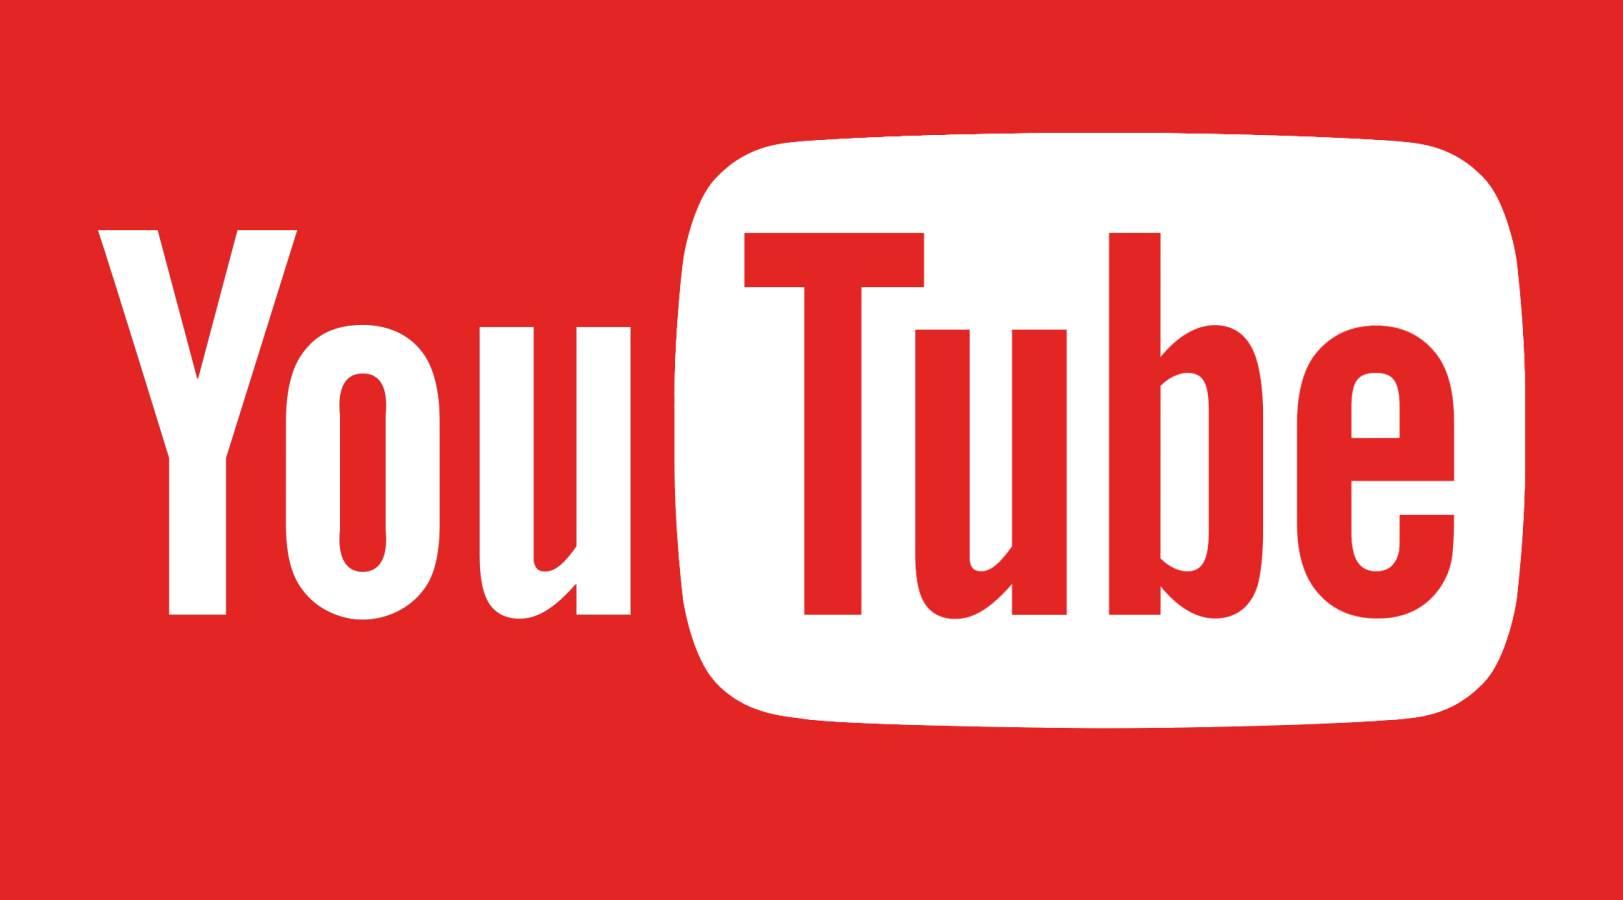 YouTube Update Lansat Aplicatiei Telefoane Tablete